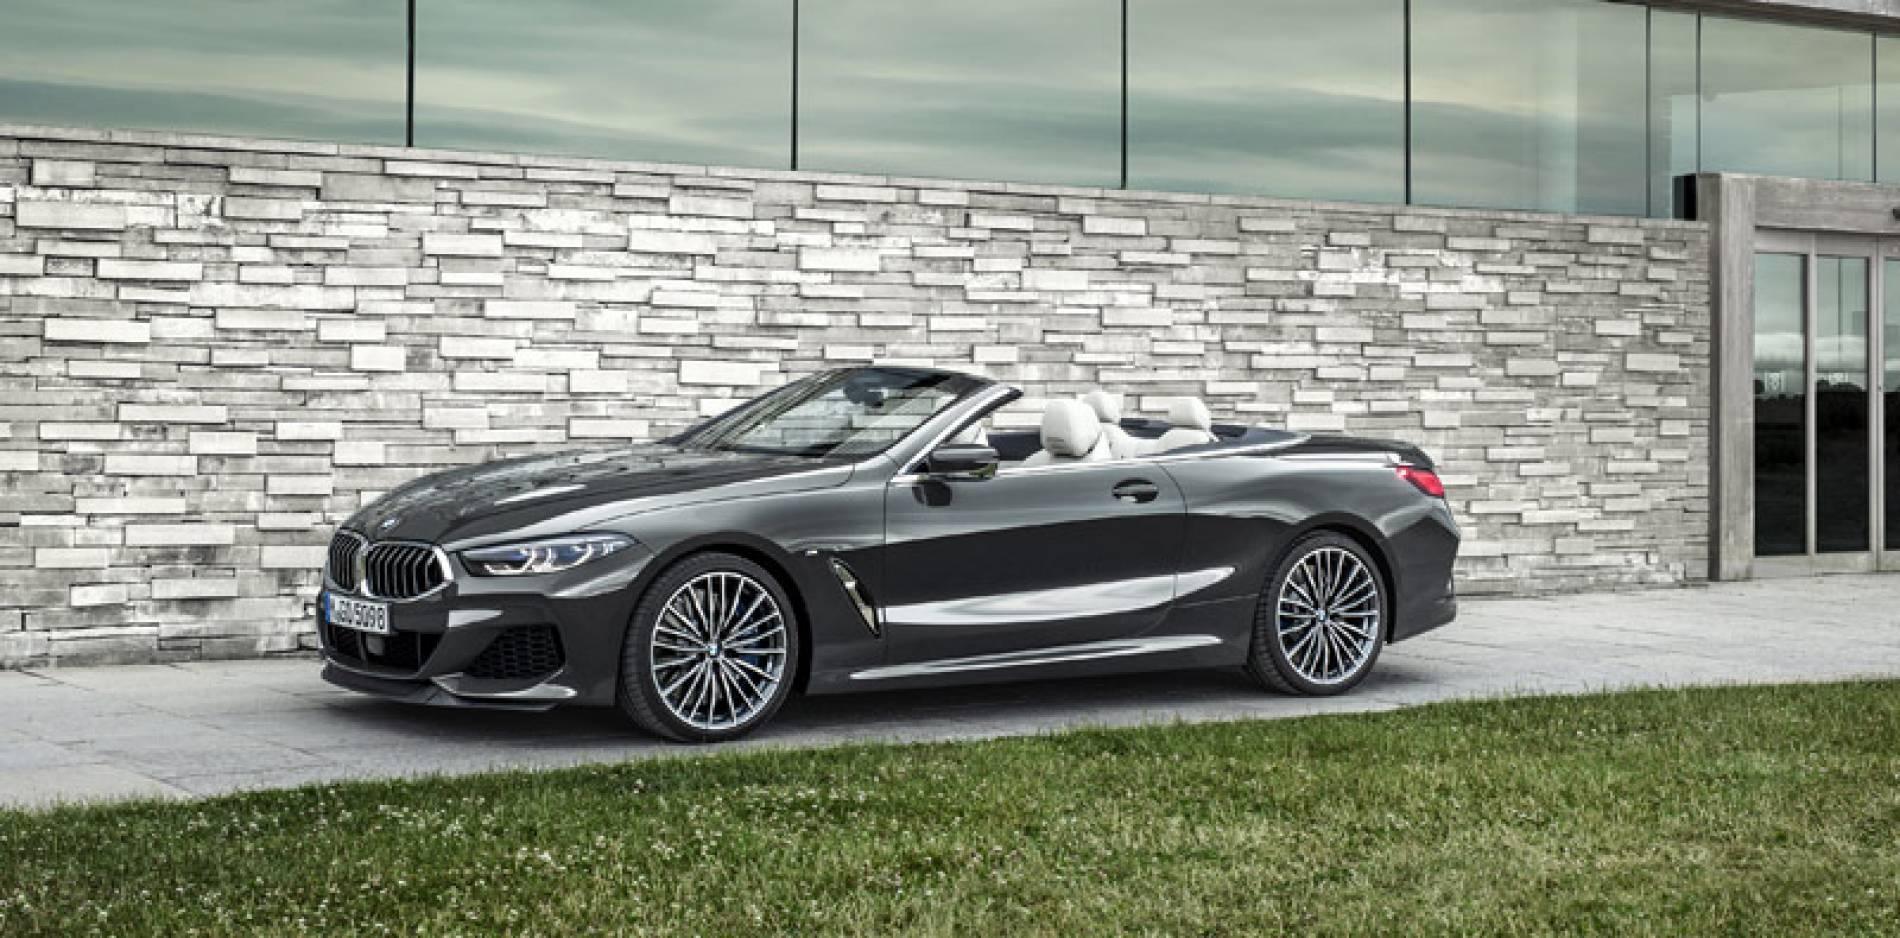 BMW Serie 8 Cabrio: deportividad y distinción ahora también a cielo abierto